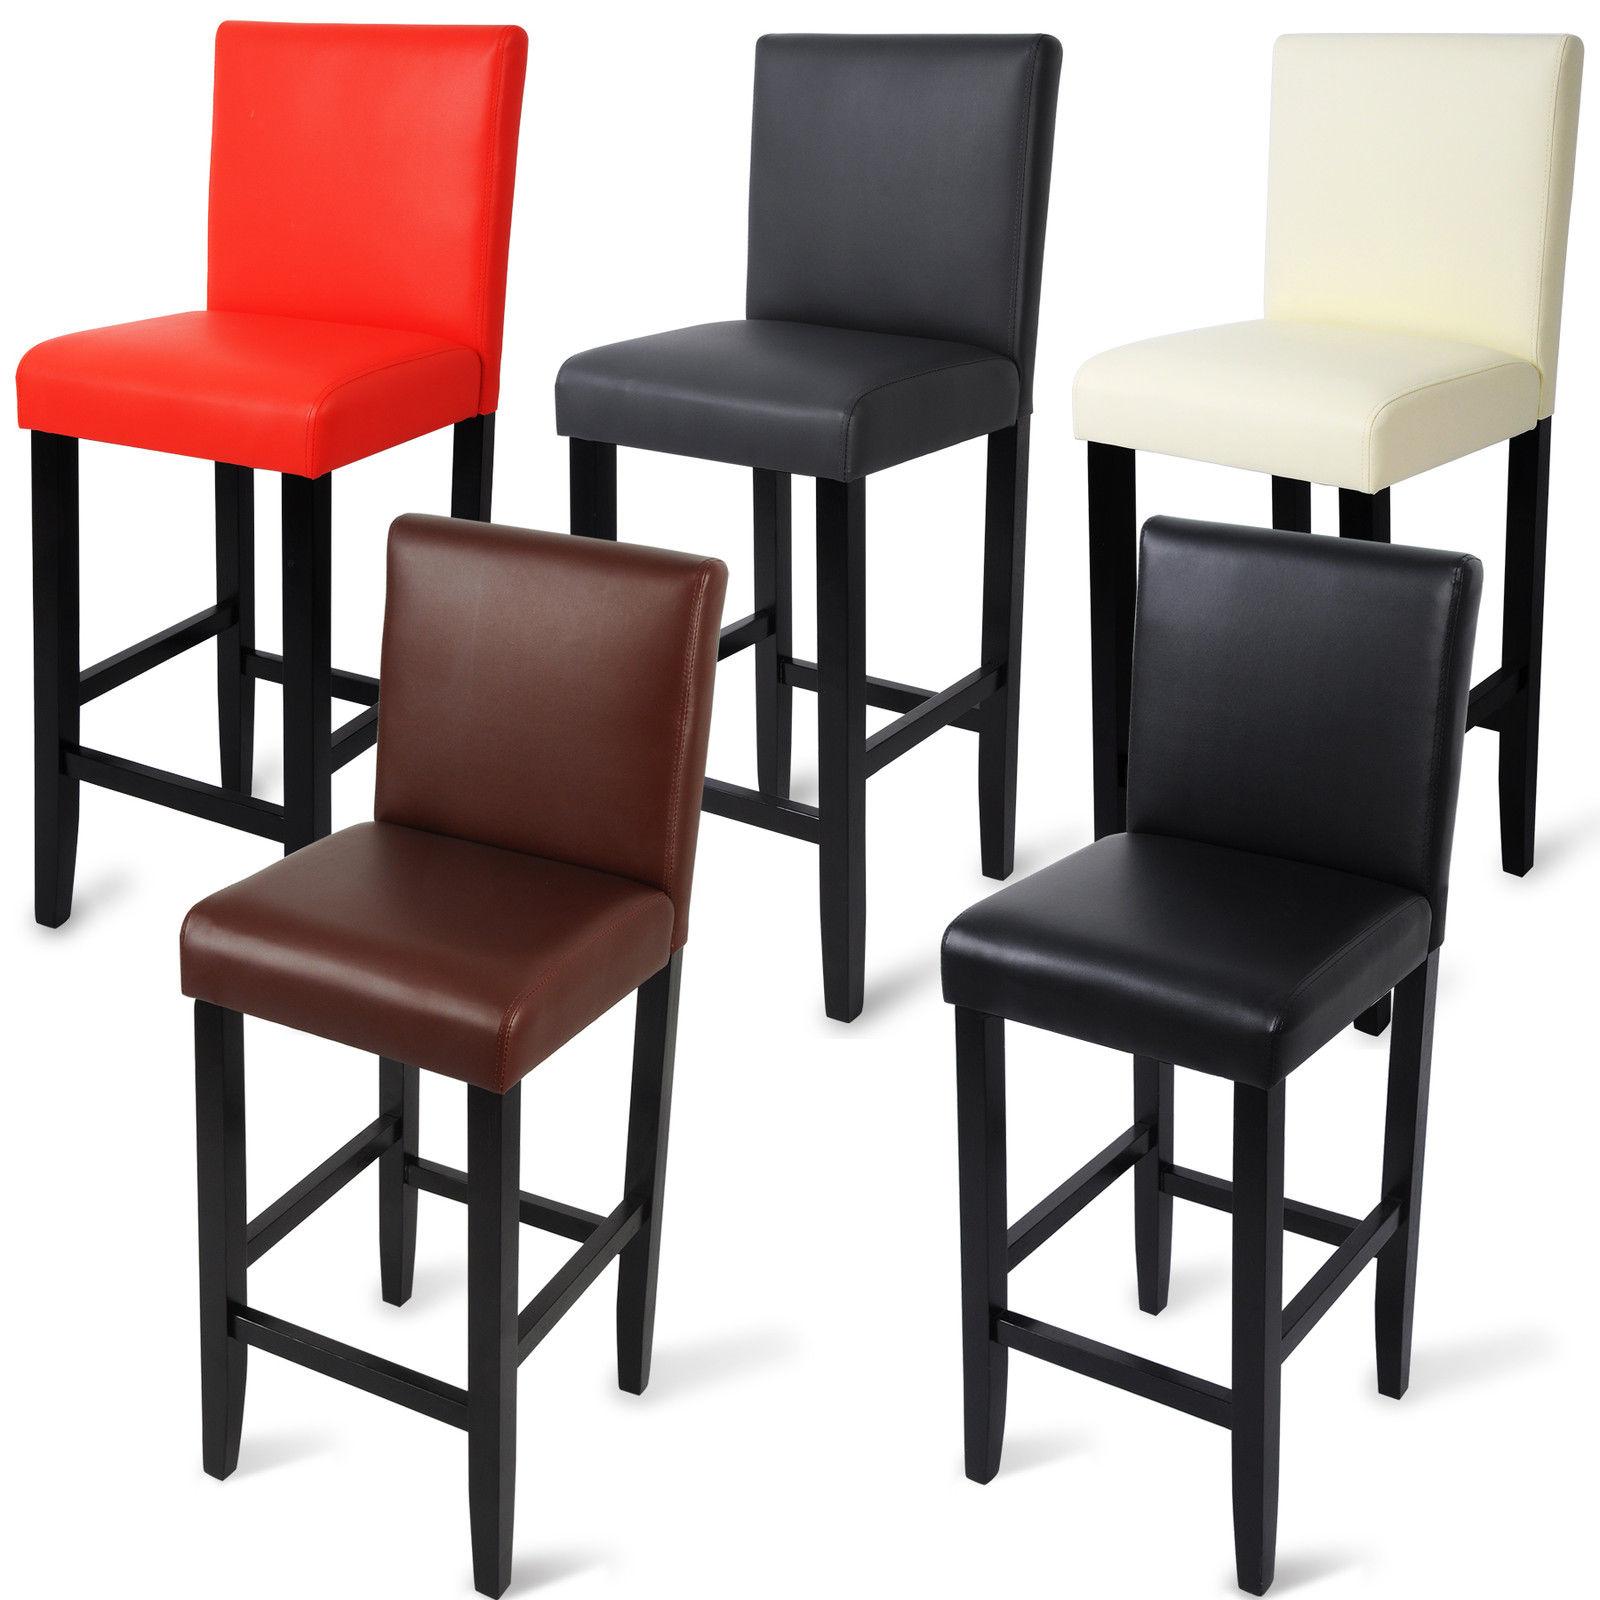 Table De Cuisine Moderne Ikea :  avec dossier en bois Chaise cuisine en cuir synthétique f023  eBay